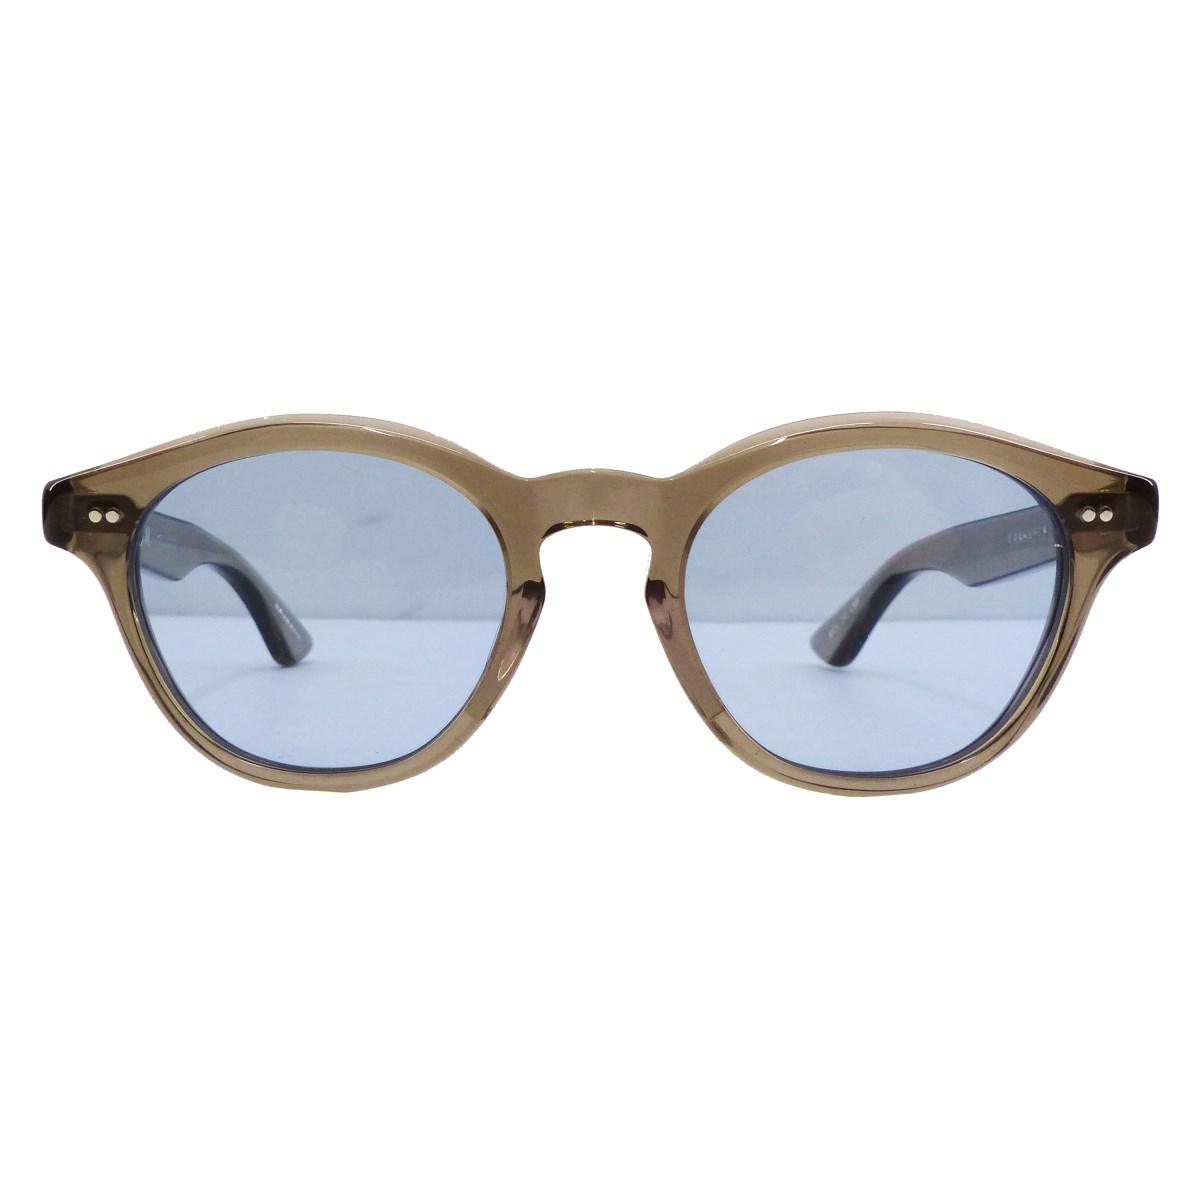 【中古】金子眼鏡 カラーレンズ クリアフレーム 眼鏡 グレー サイズ:- 【送料無料】 【100419】(カネコメガネ)